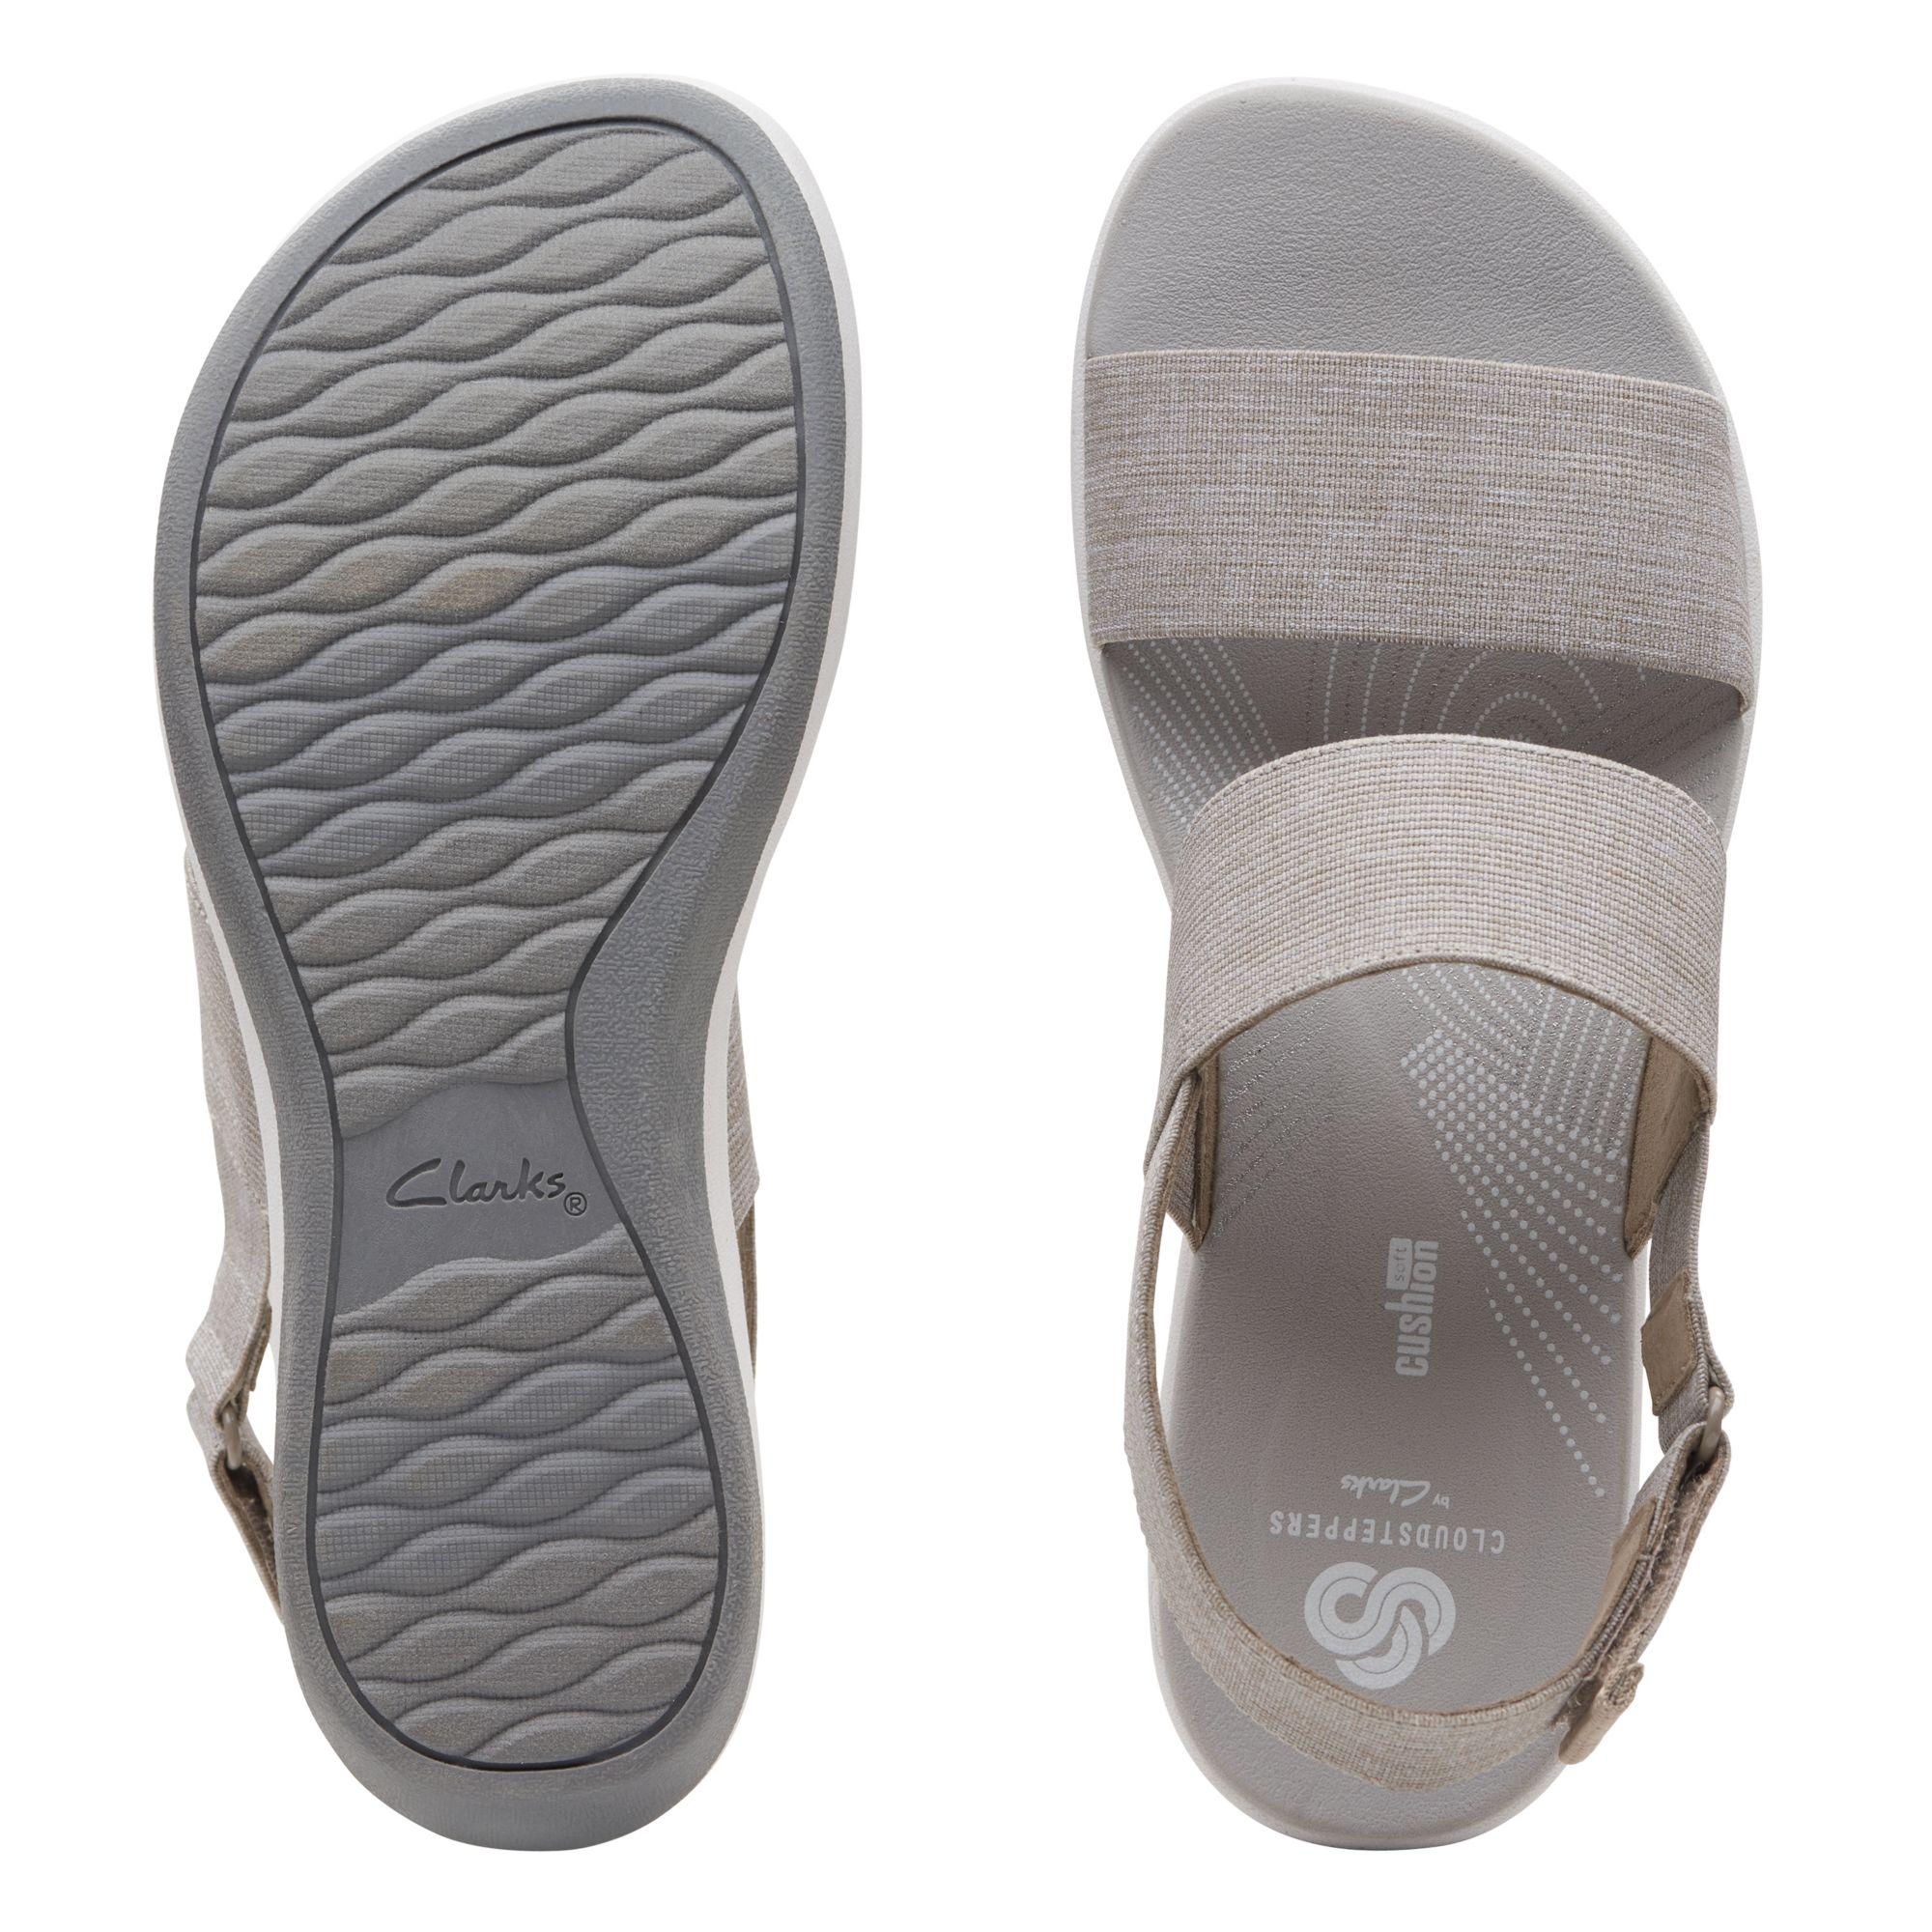 Дамски сандали от текстил с дебела подметка Clarks Arla Jacory Sand пясъчни - снимка 7